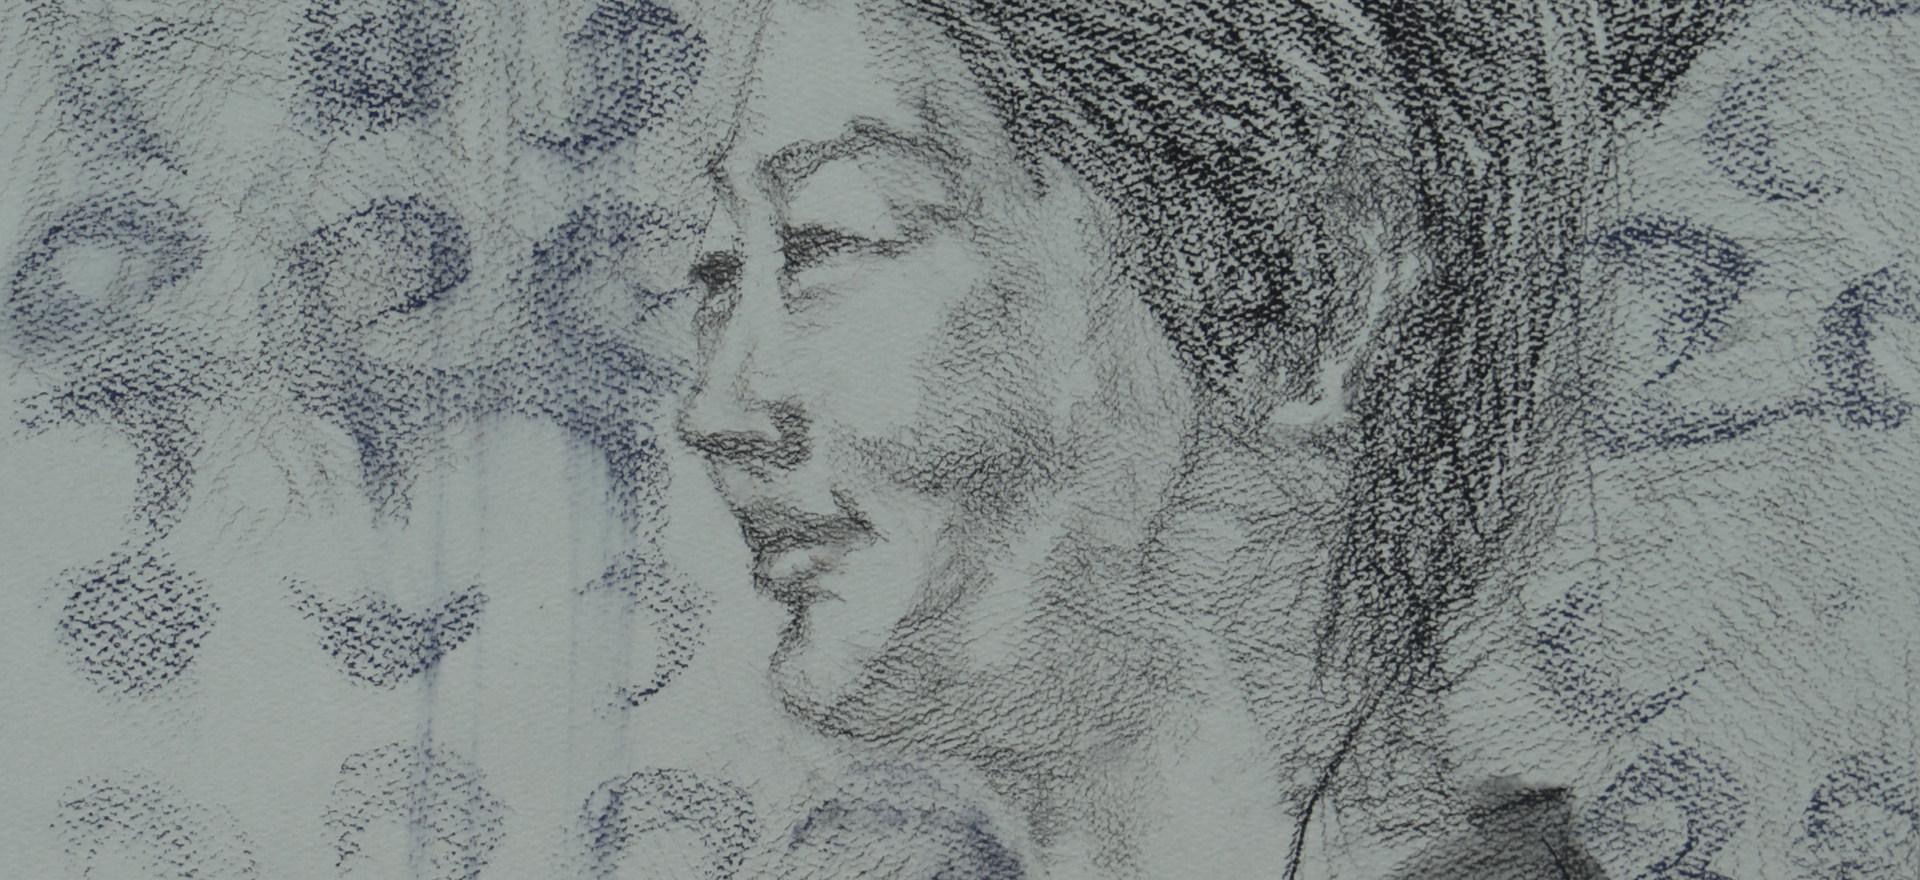 Misao